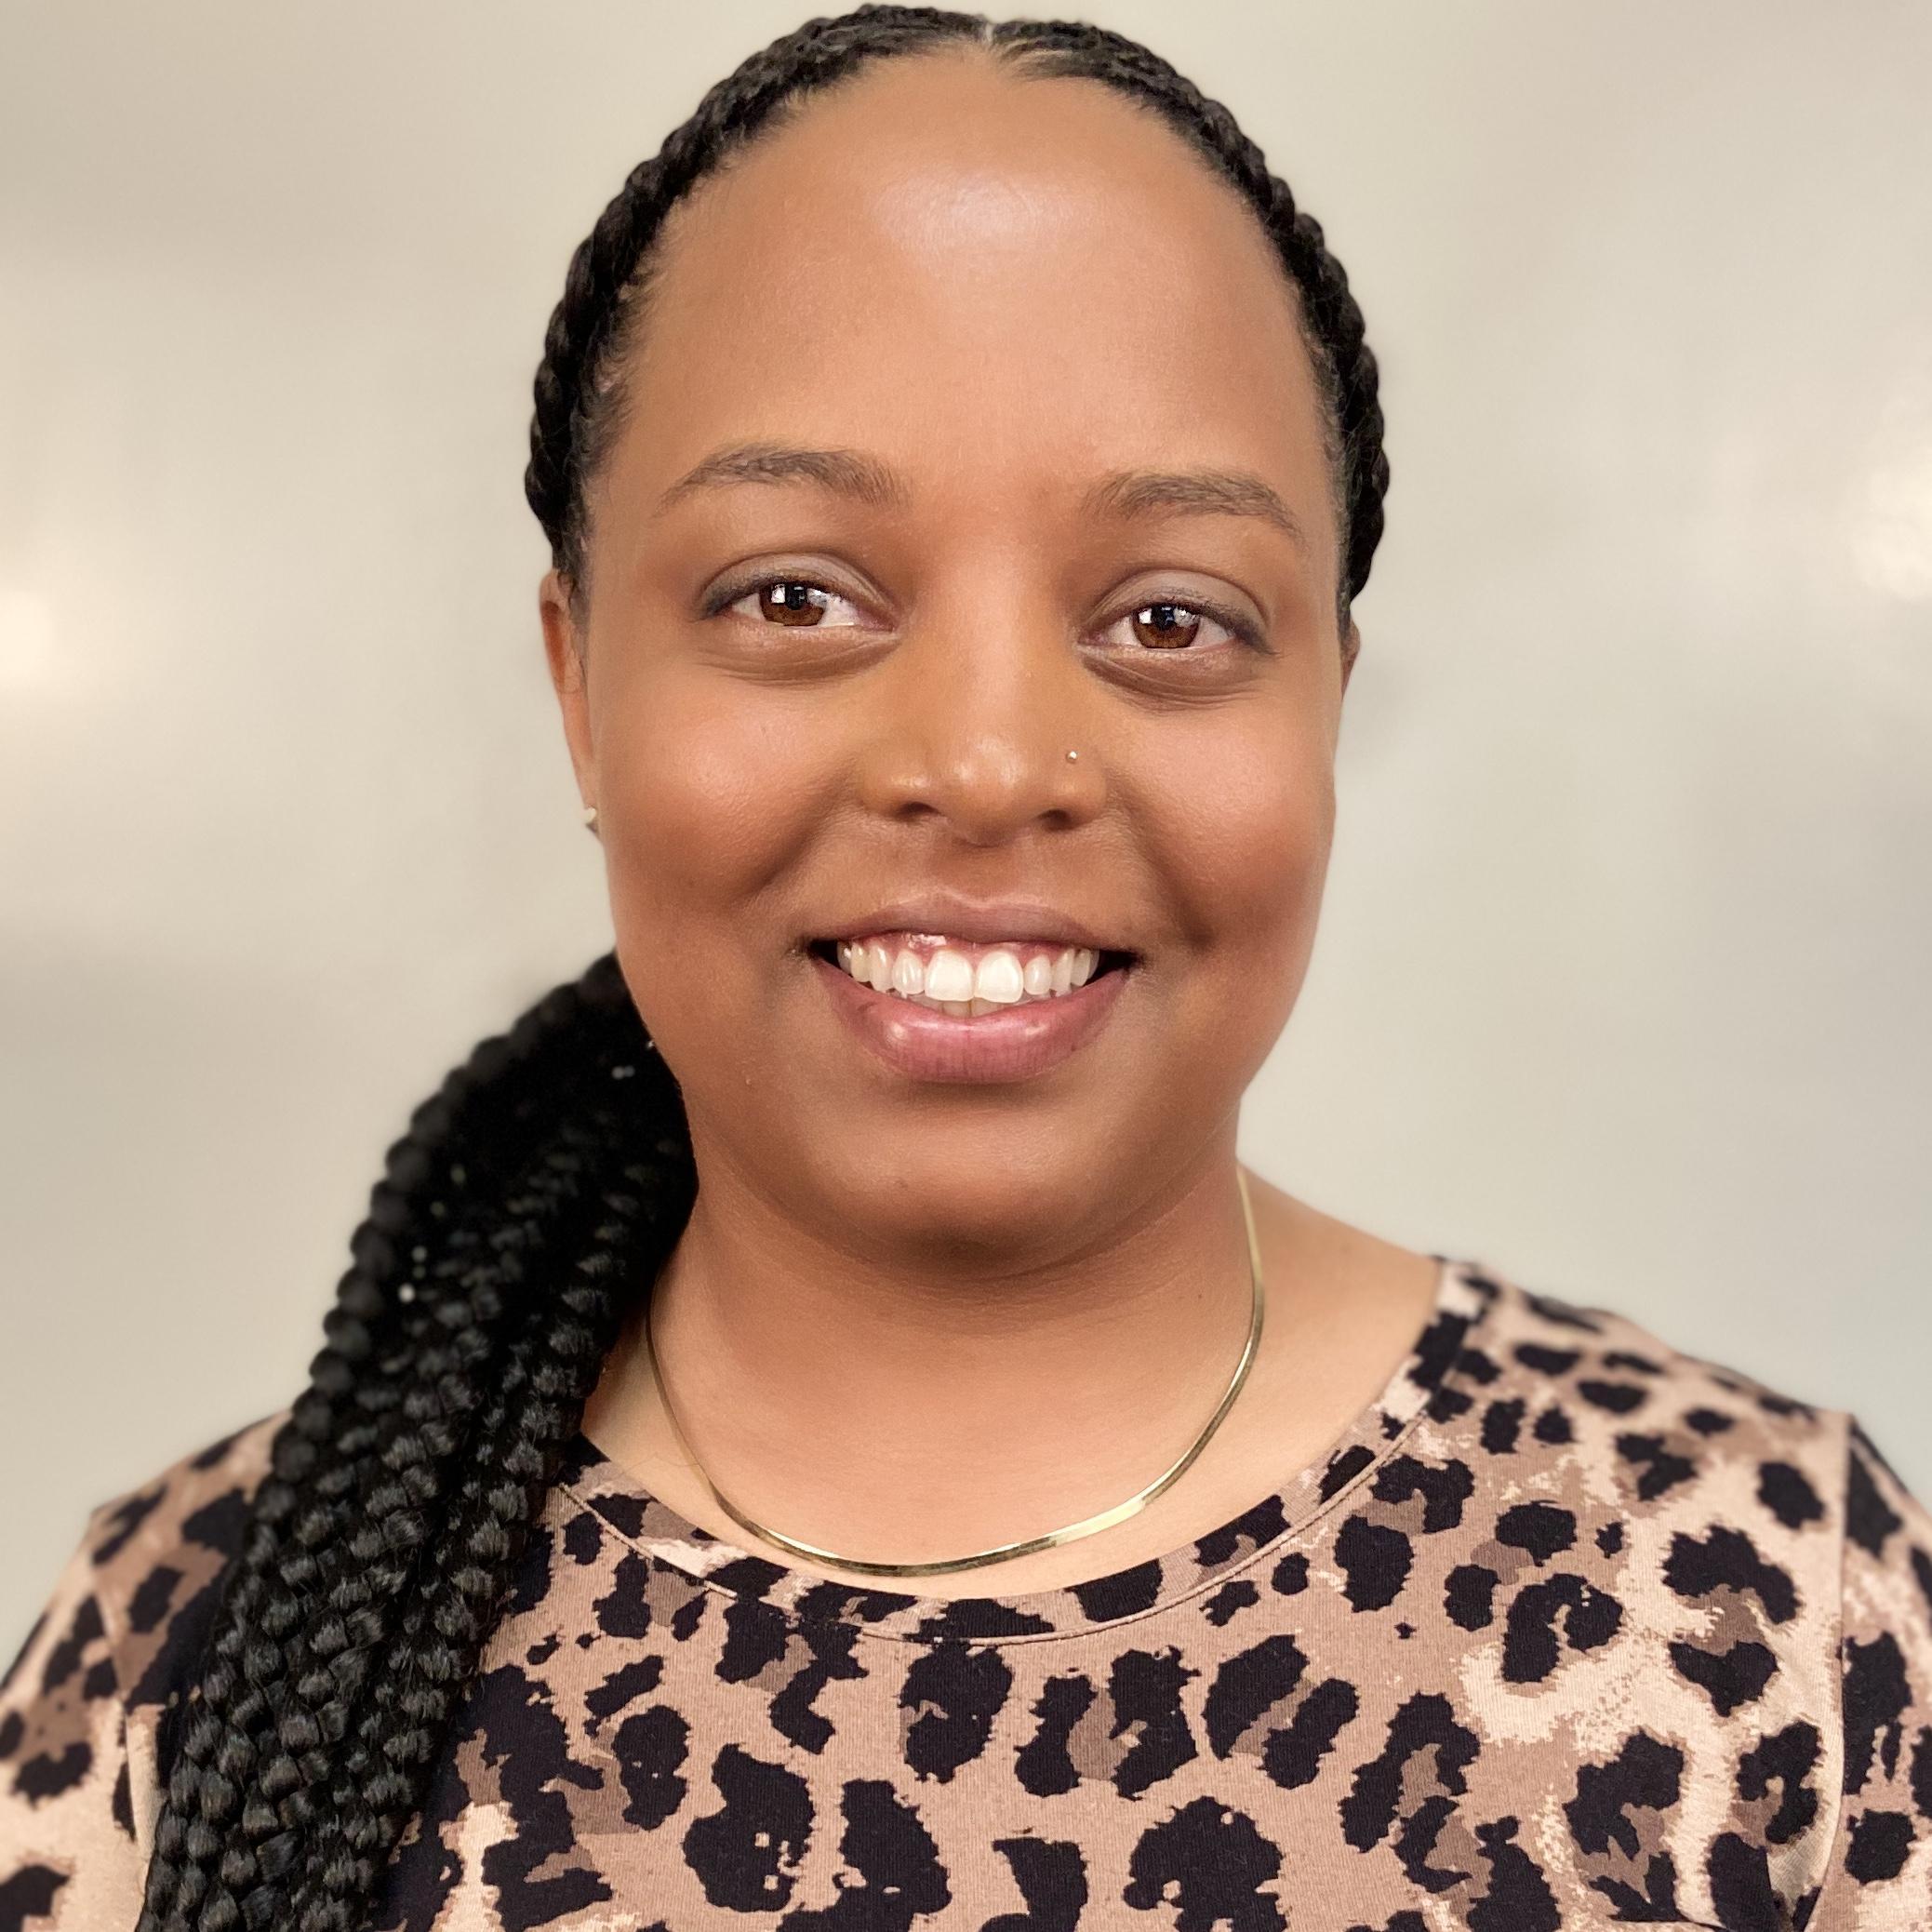 Veronica Citizen's Profile Photo